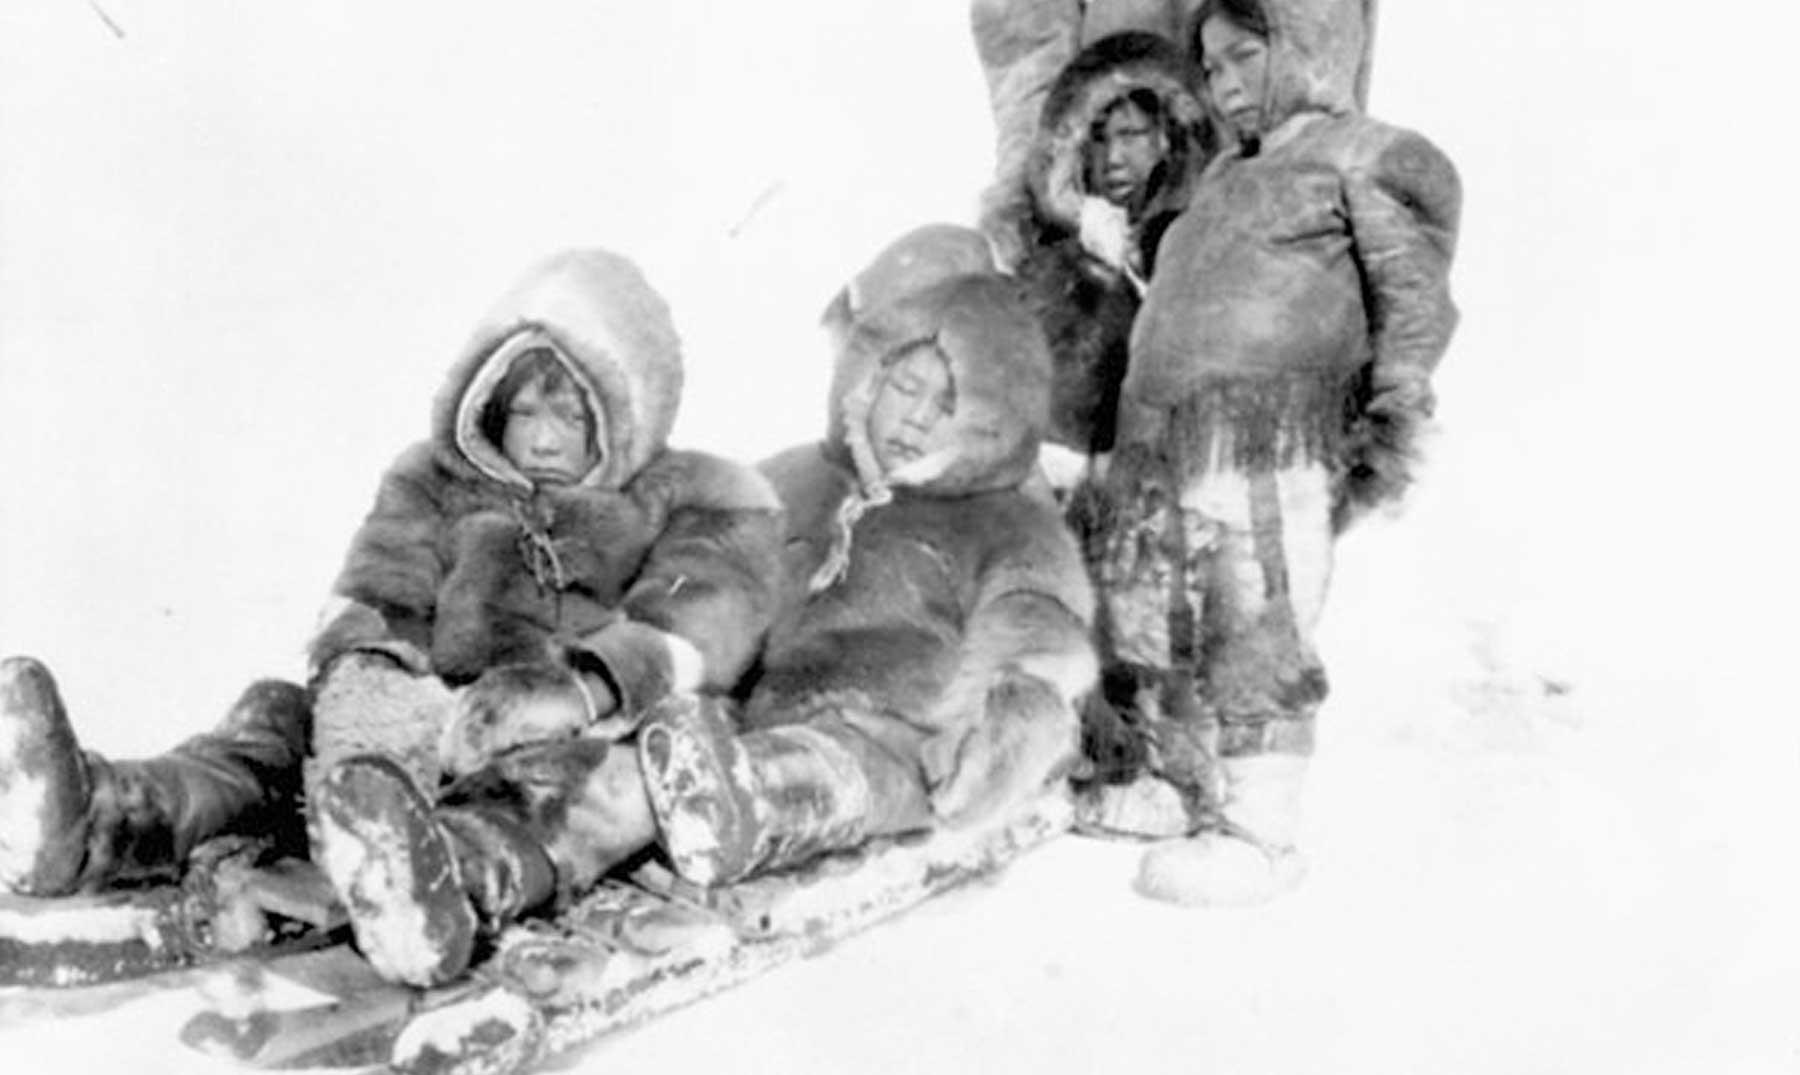 La misteriosa desaparición de un pueblo Inuit